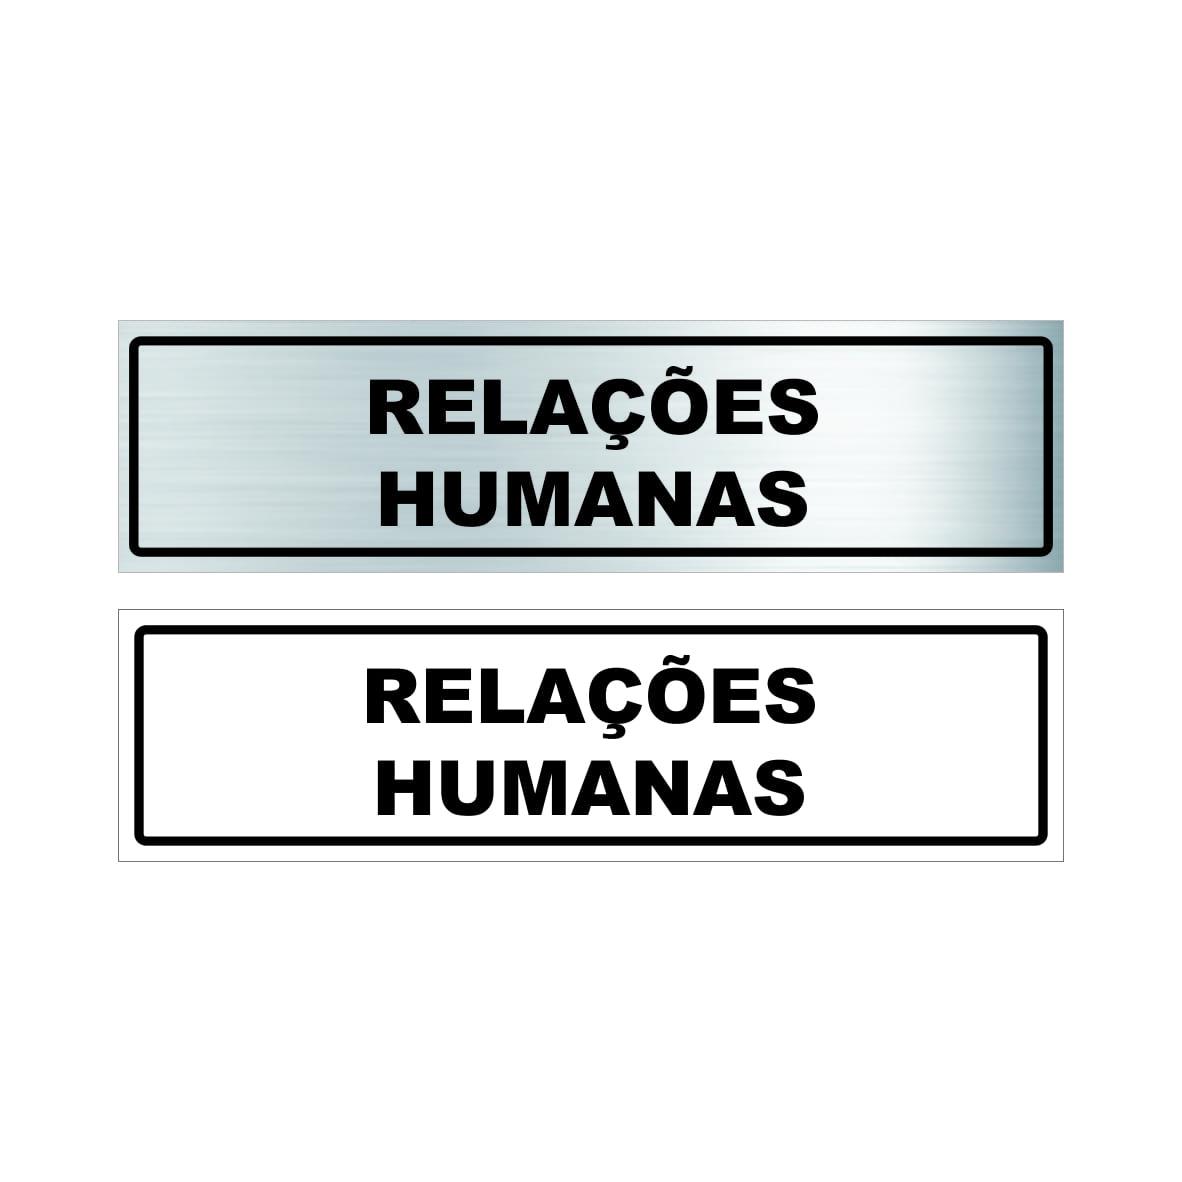 Relações humanas  - Towbar Sinalização de Segurança